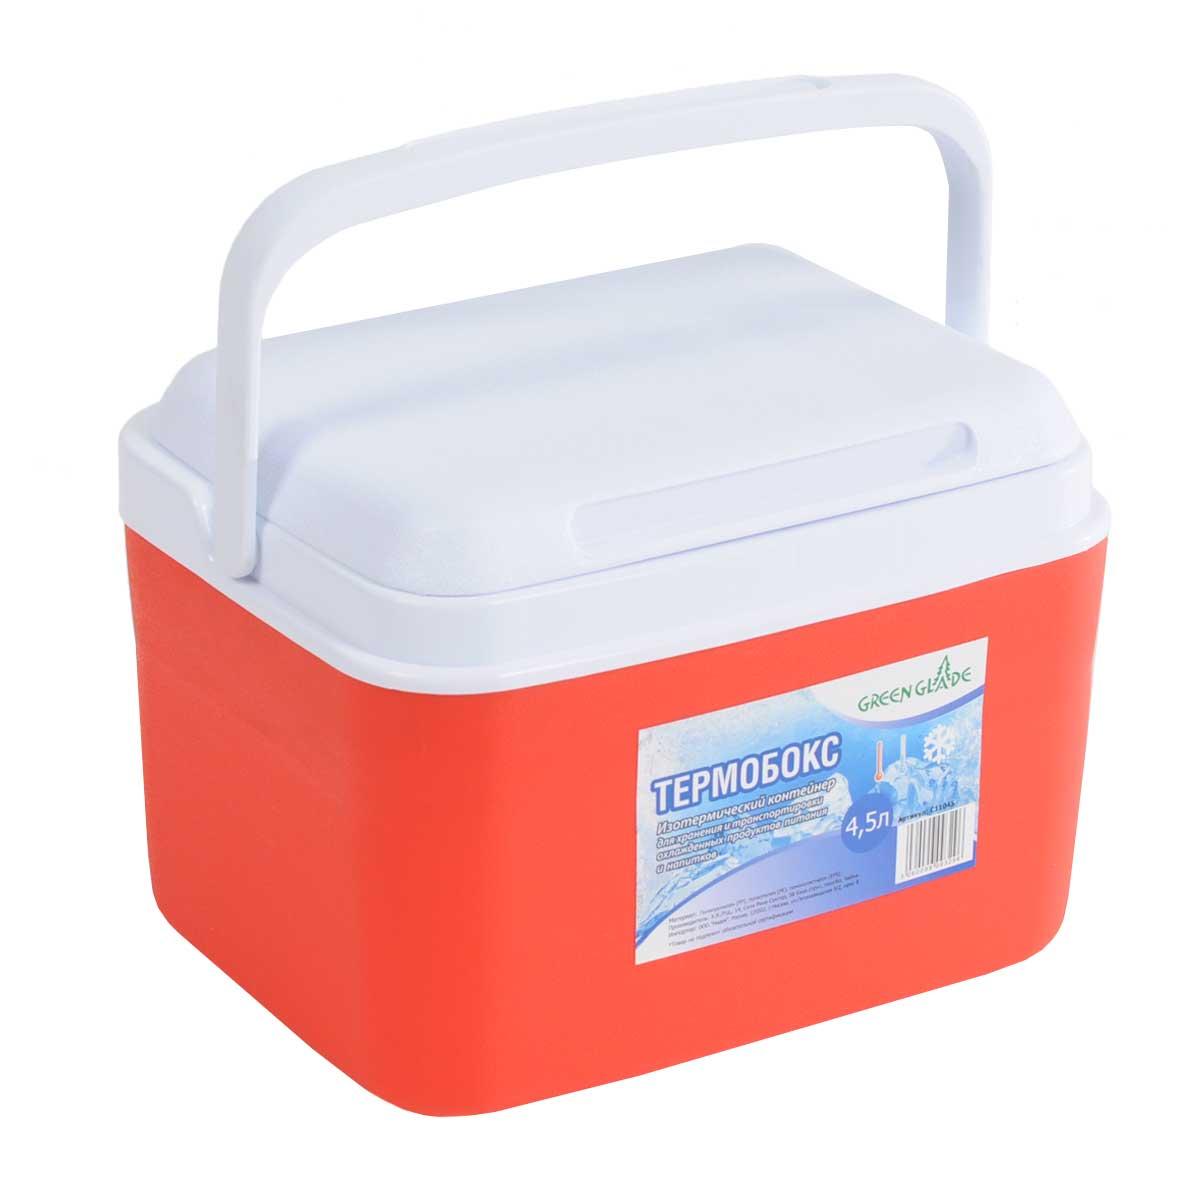 Контейнер изотермический Green Glade, цвет: красный, 4,5 лС11045Легкий и прочный изотермический контейнер Green Glade предназначен для сохранения определенной температуры продуктов во время длительных поездок. Корпус и крышка контейнера изготовлены из высококачественного полистирола. Между двойными стенками находится термоизоляционный слой, который обеспечивает сохранение температуры. При использовании аккумулятора холода, контейнер обеспечивает сохранение продуктов холодными на 8-10 часов. Подвижная ручка делает более удобной переноску контейнера. Крышка может использоваться как столик или как поднос. Объем контейнера: 4,5 л. Размер контейнера: 26 см х 19 см х 20 см.